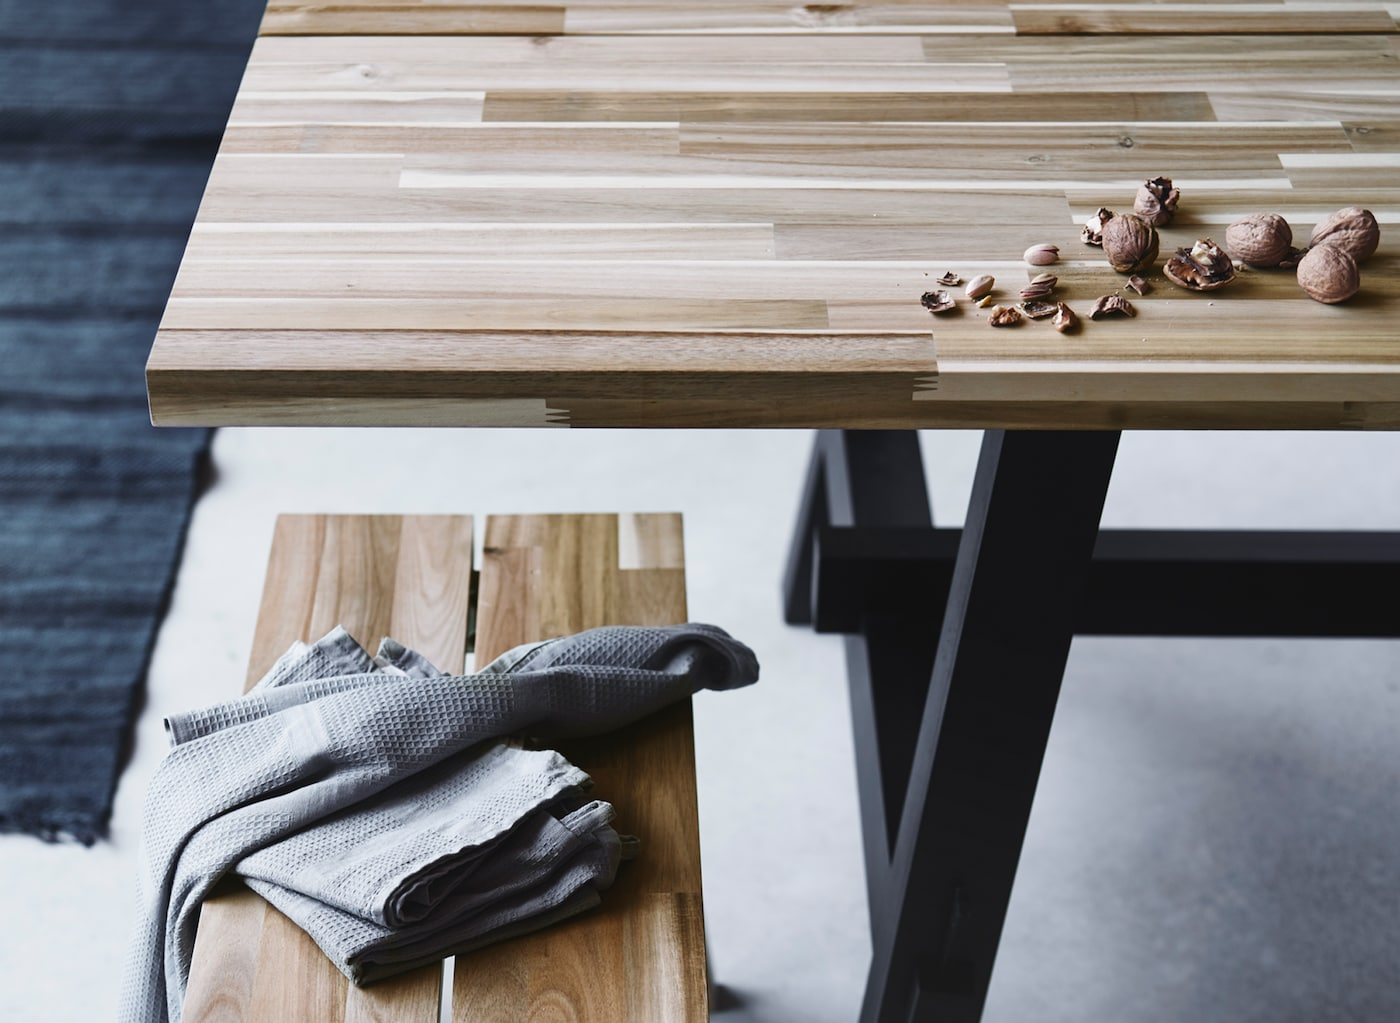 木目と色のバリエーション豊富な木材を使用した、長方形でスカンジナビアスタイルのSKOGSTA/スコグスタ ダイニングテーブル&ベンチ。